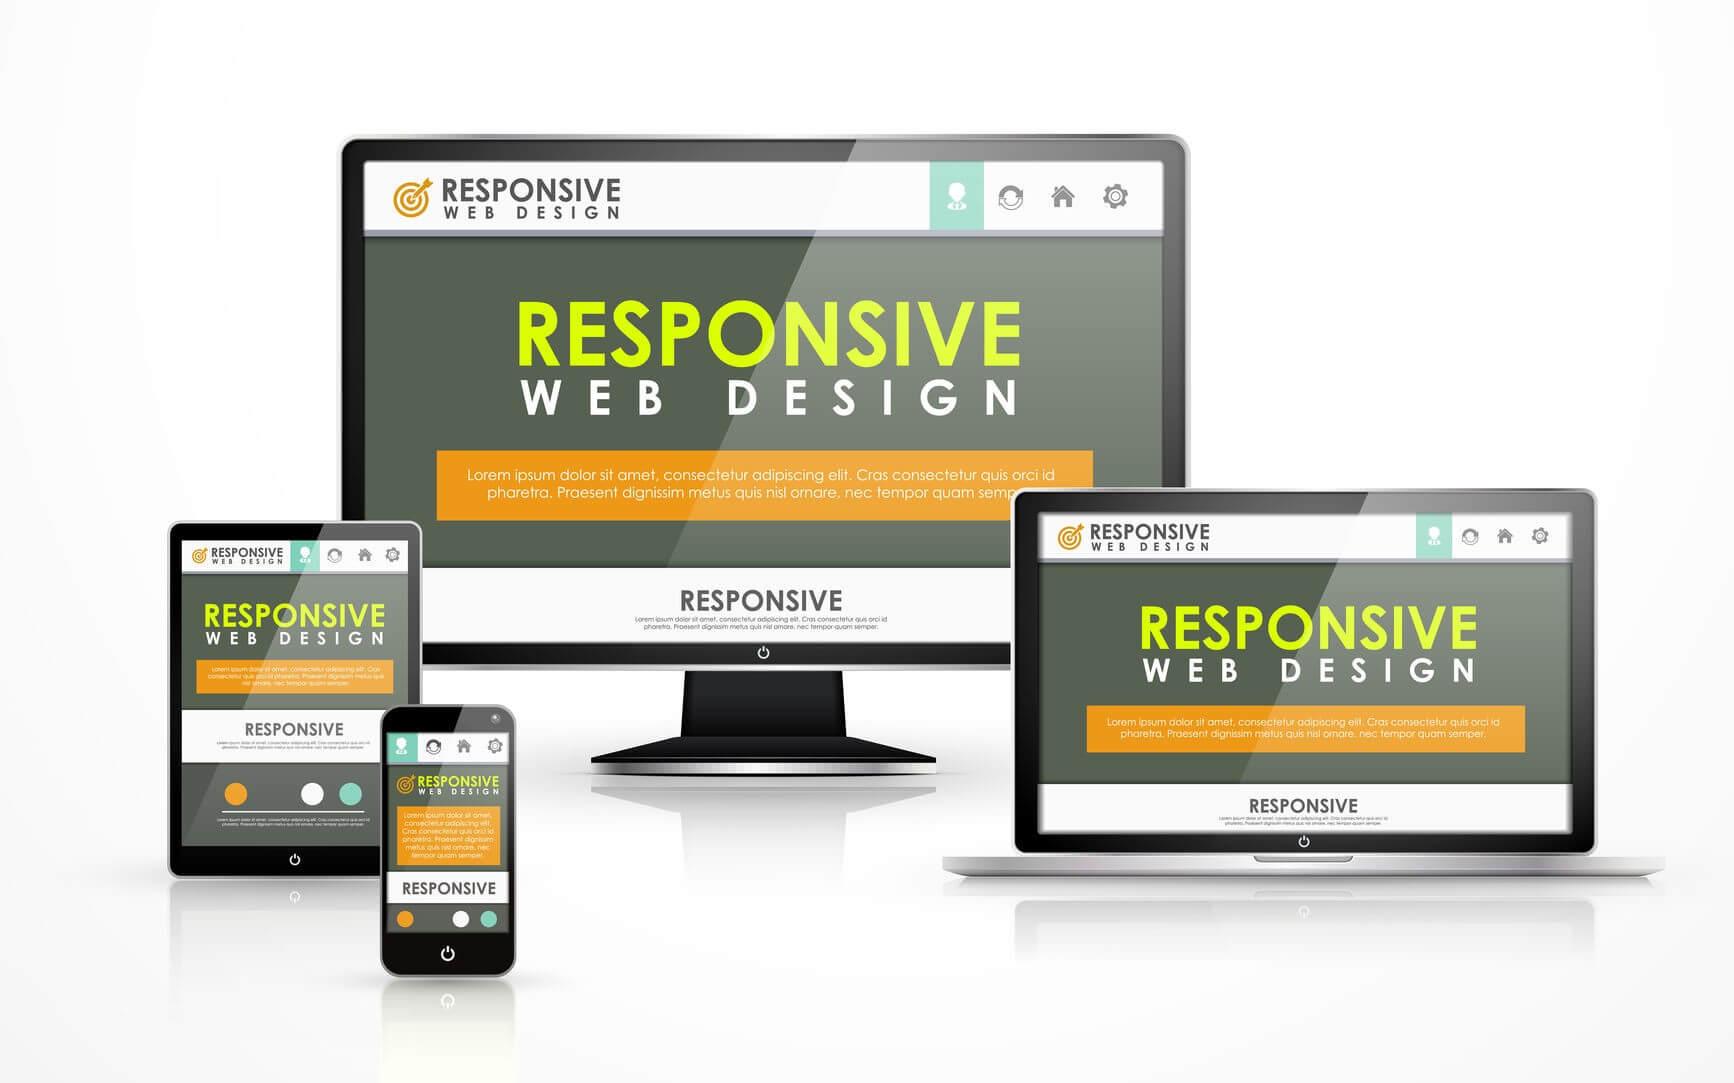 Manfaat Pentingnya Responsive Web Design